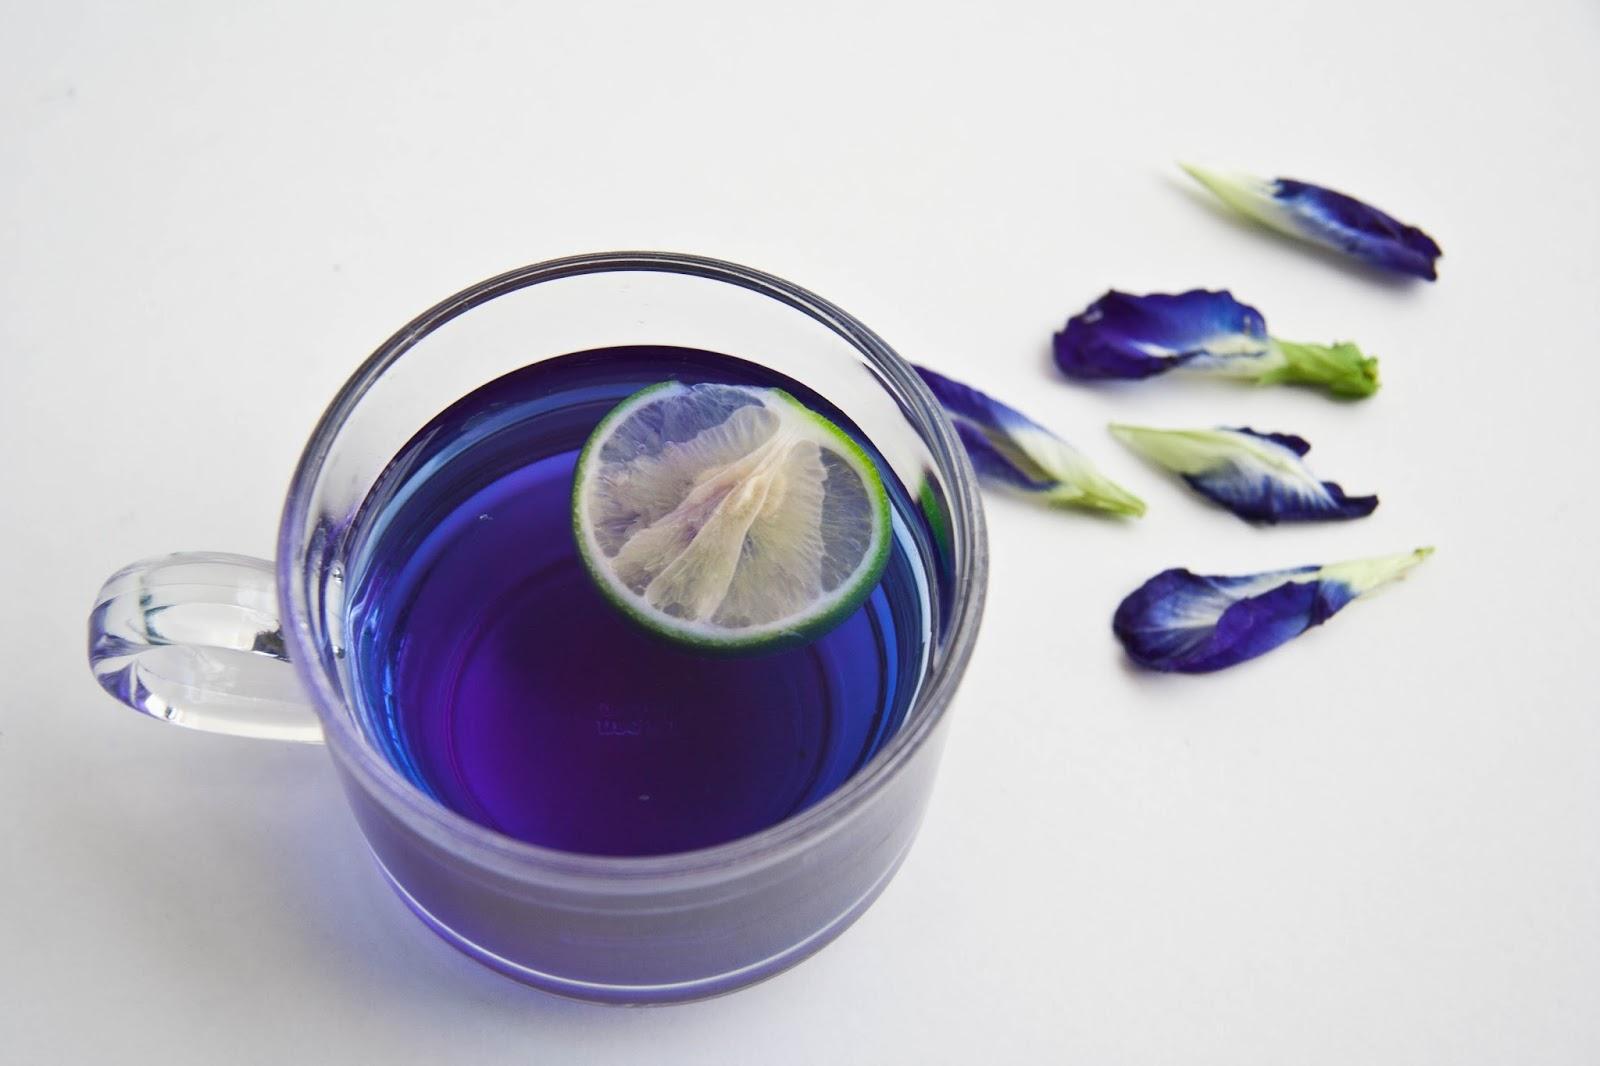 Пурпурный чай для похудения: способ применения, состав, цена